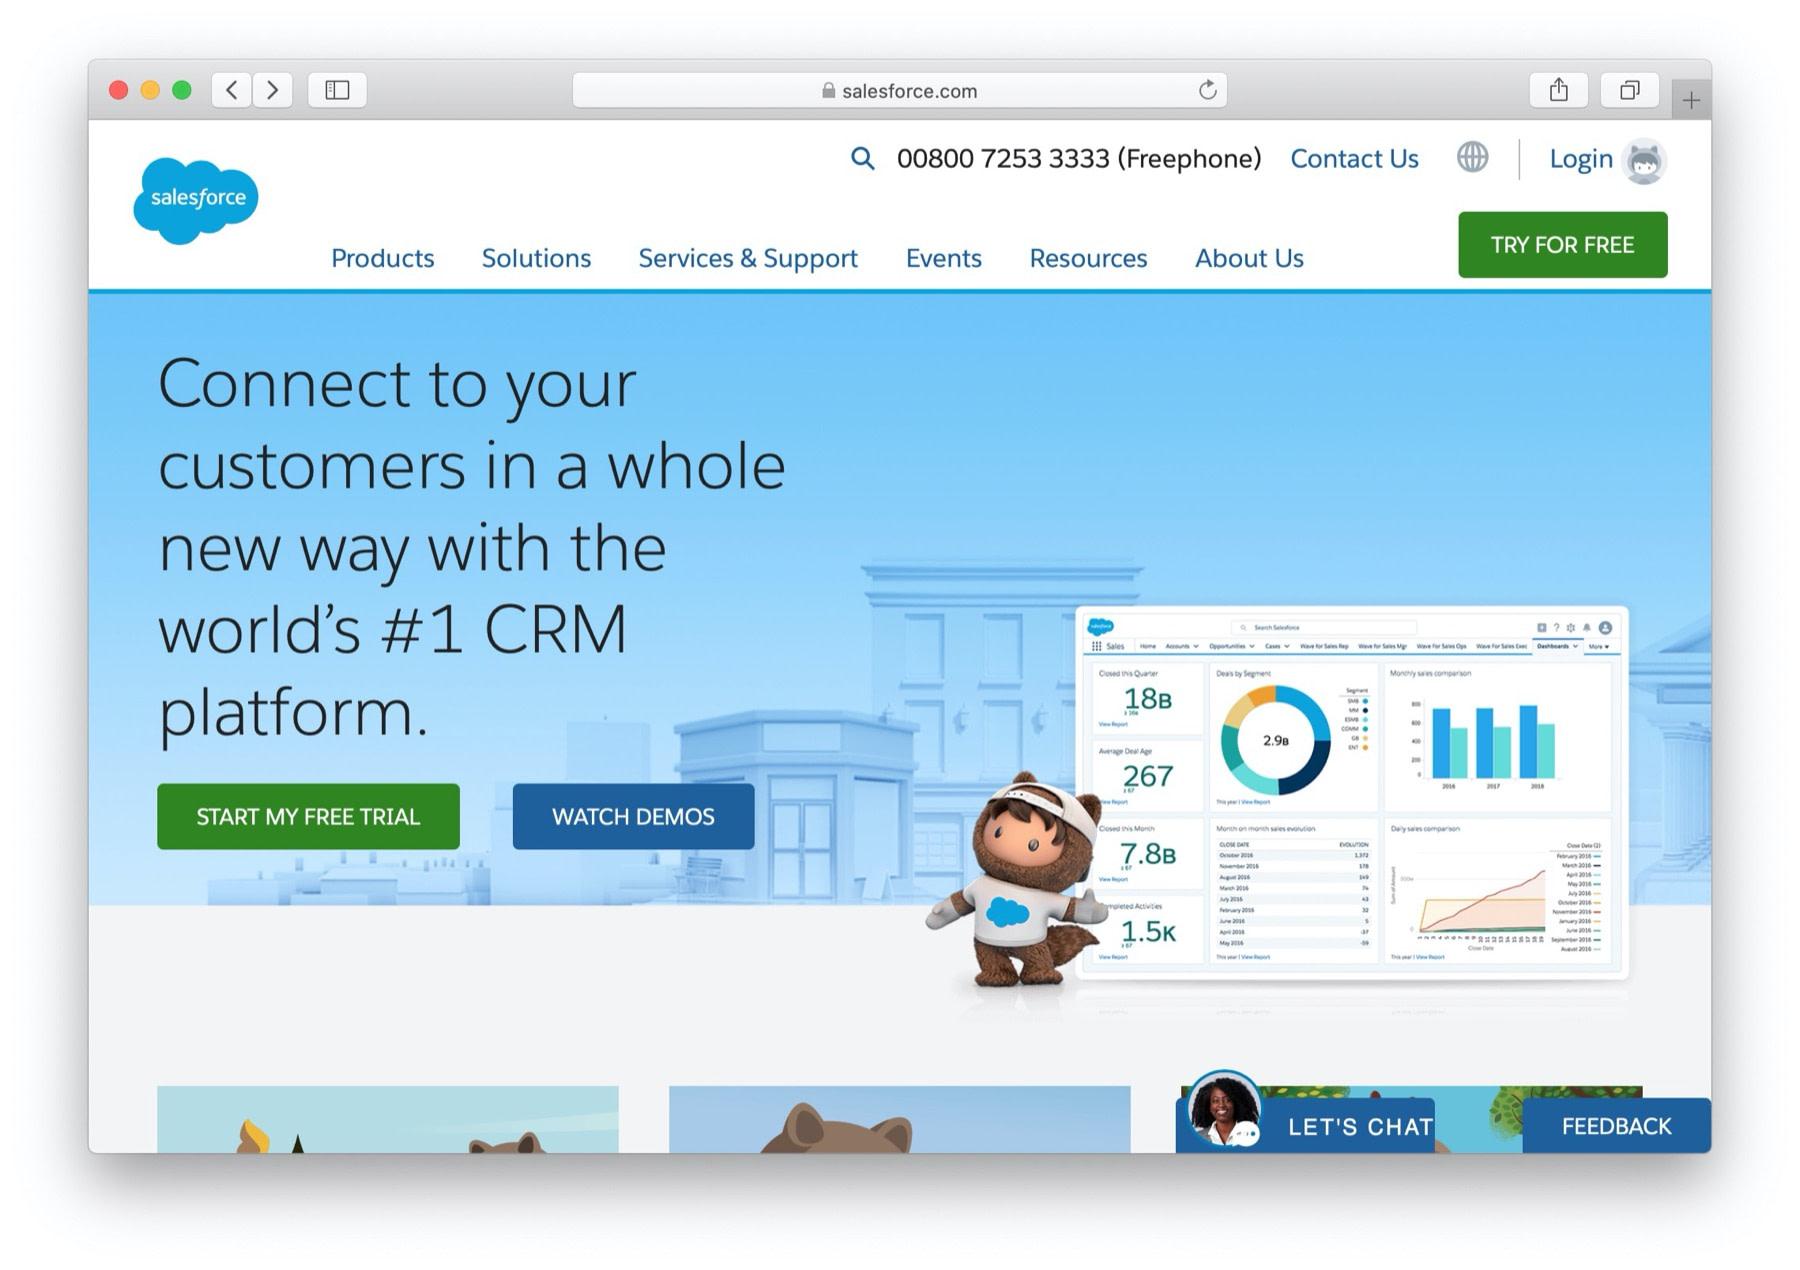 Best CRM software: salesforce